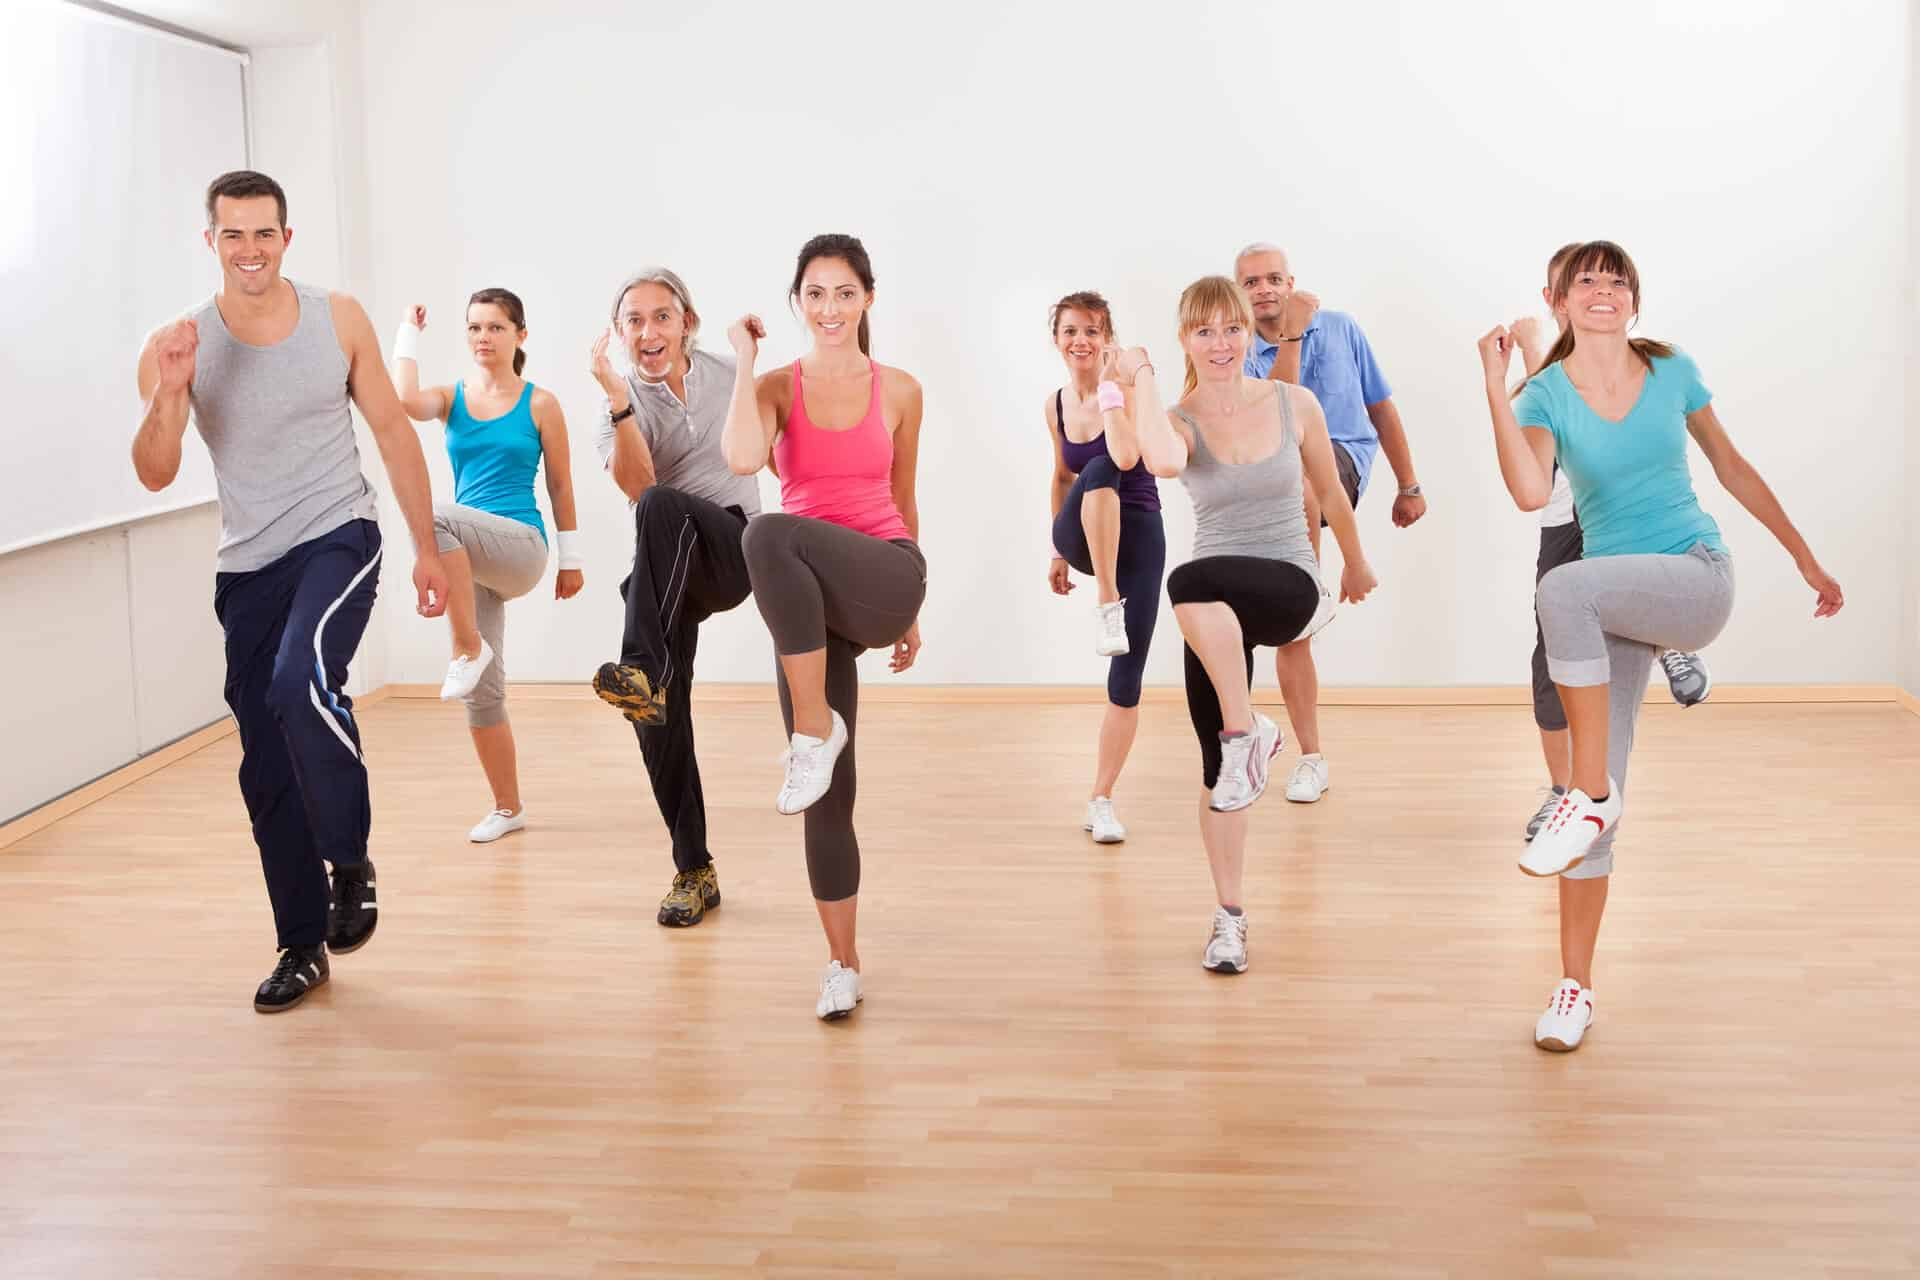 איך פעילות אירובית תורמת לבריאות שלכם